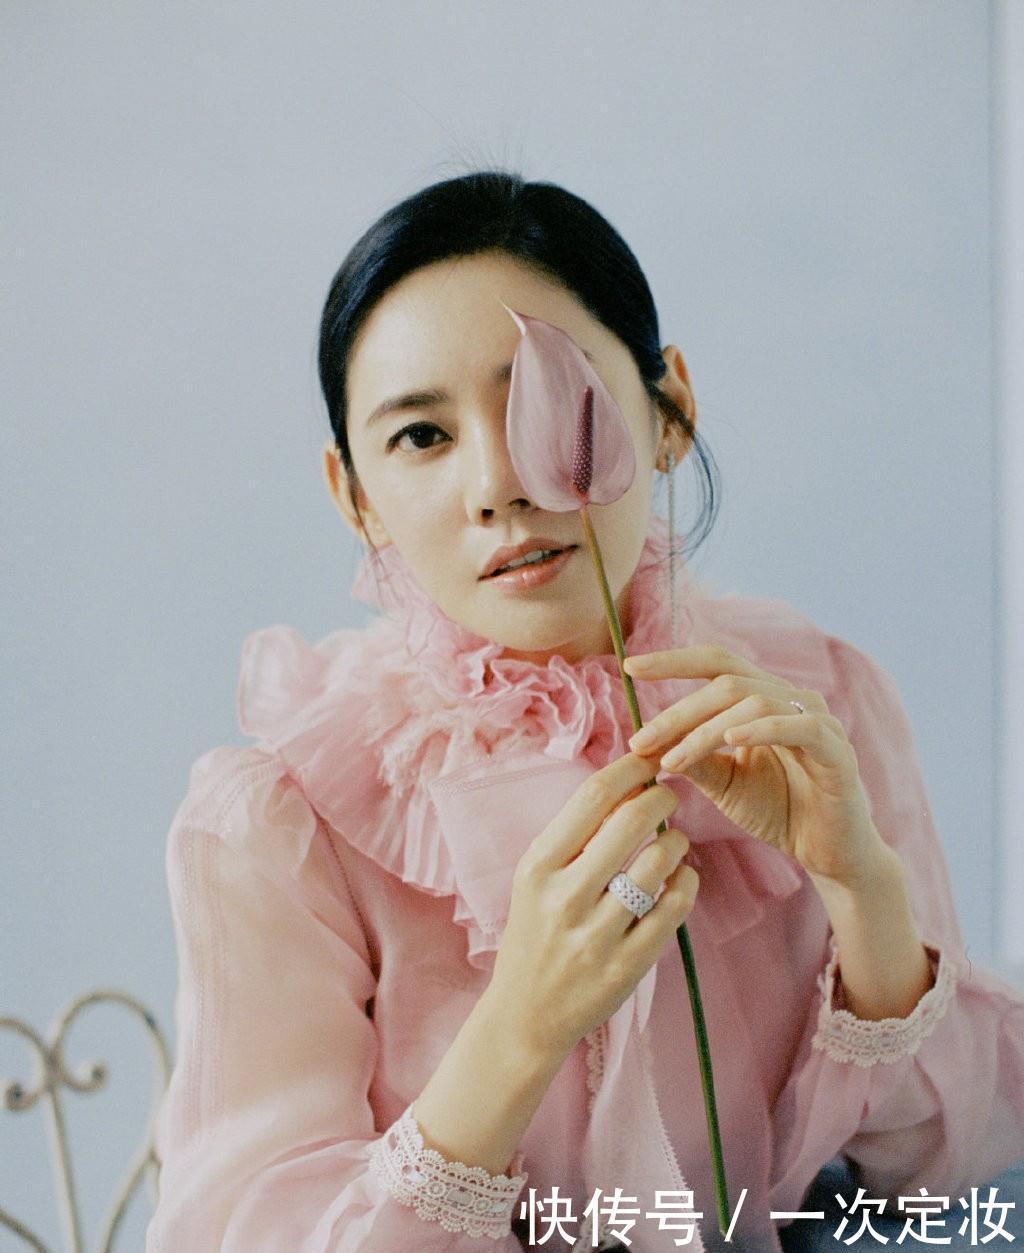 """嫁给于晓光成""""中国媳妇"""",穿渔网外套配毛绒裙,美得端庄素雅"""